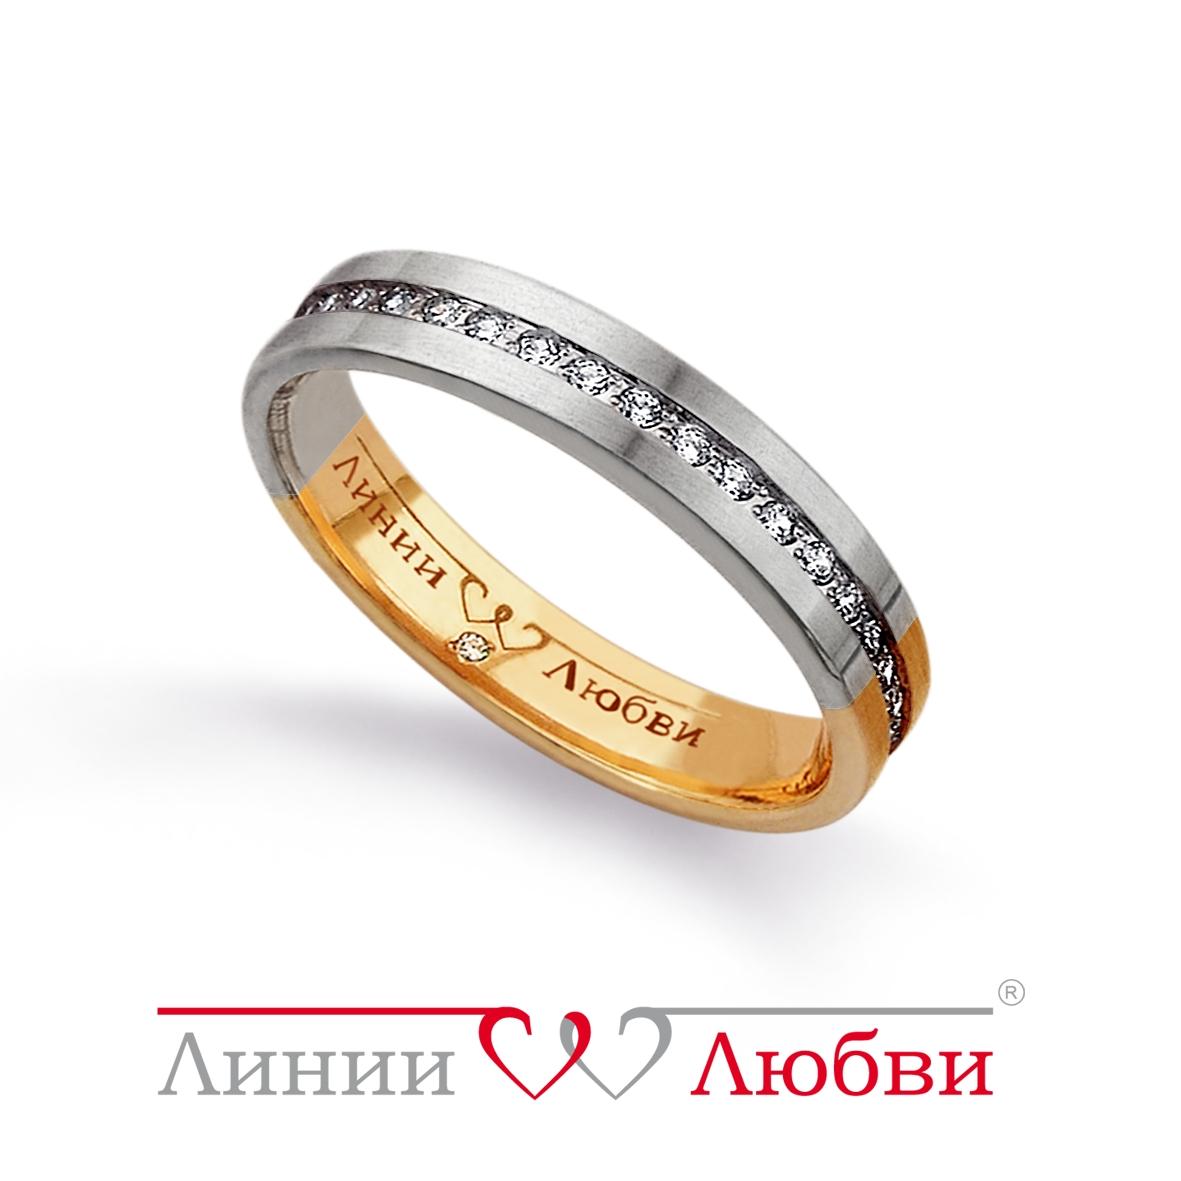 Обручальное кольцо с бриллиантами Линии ЛюбвиКольцо<br>Кольцо обручальное из золота 585 пробы с белыми бриллиантами (арт. Л41121222). Размер 15,5.<br><br>Articule: Л41121222<br>Тип: Кольцо<br>Пол: Унисекс<br>Материал: золото золото<br>Вес изделия г: 3.41<br>Вставка: белые бриллианты<br>Размеры: 22, 21, 20, 19, 18, 17, 16, 15